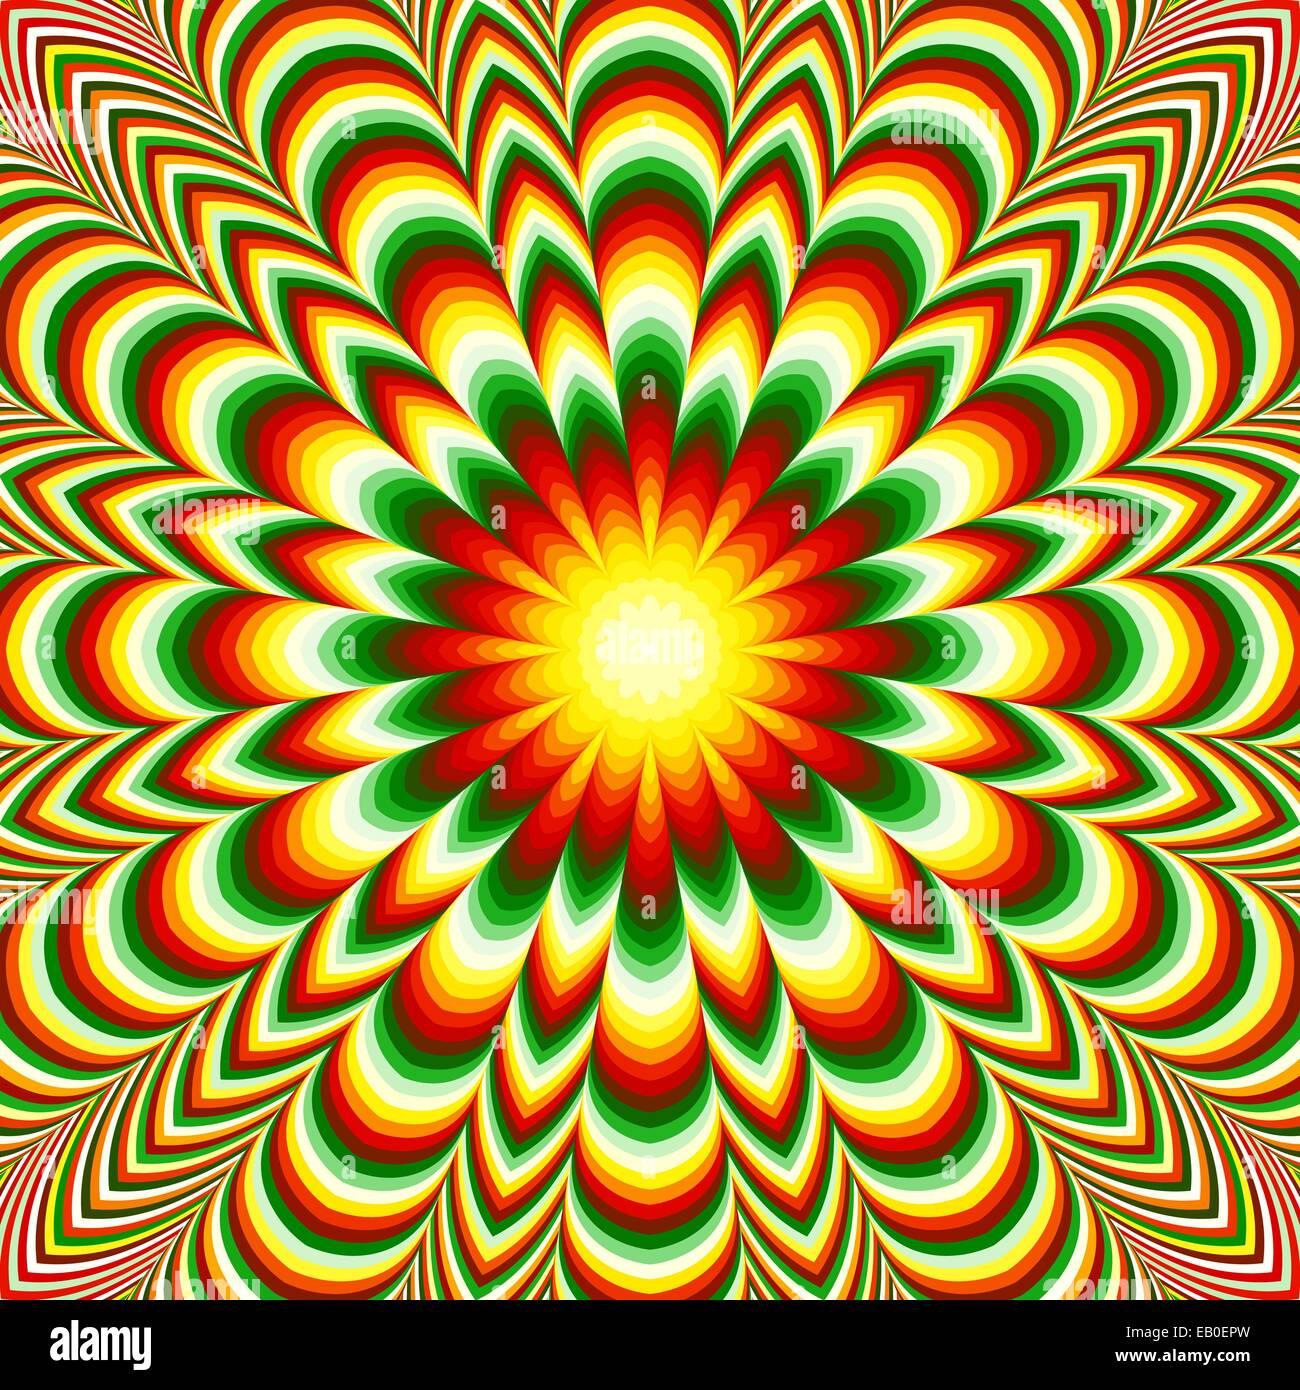 Bunte Blumen Fraktal Mandala Mit Dem Effekt Der Optischen Tauschung